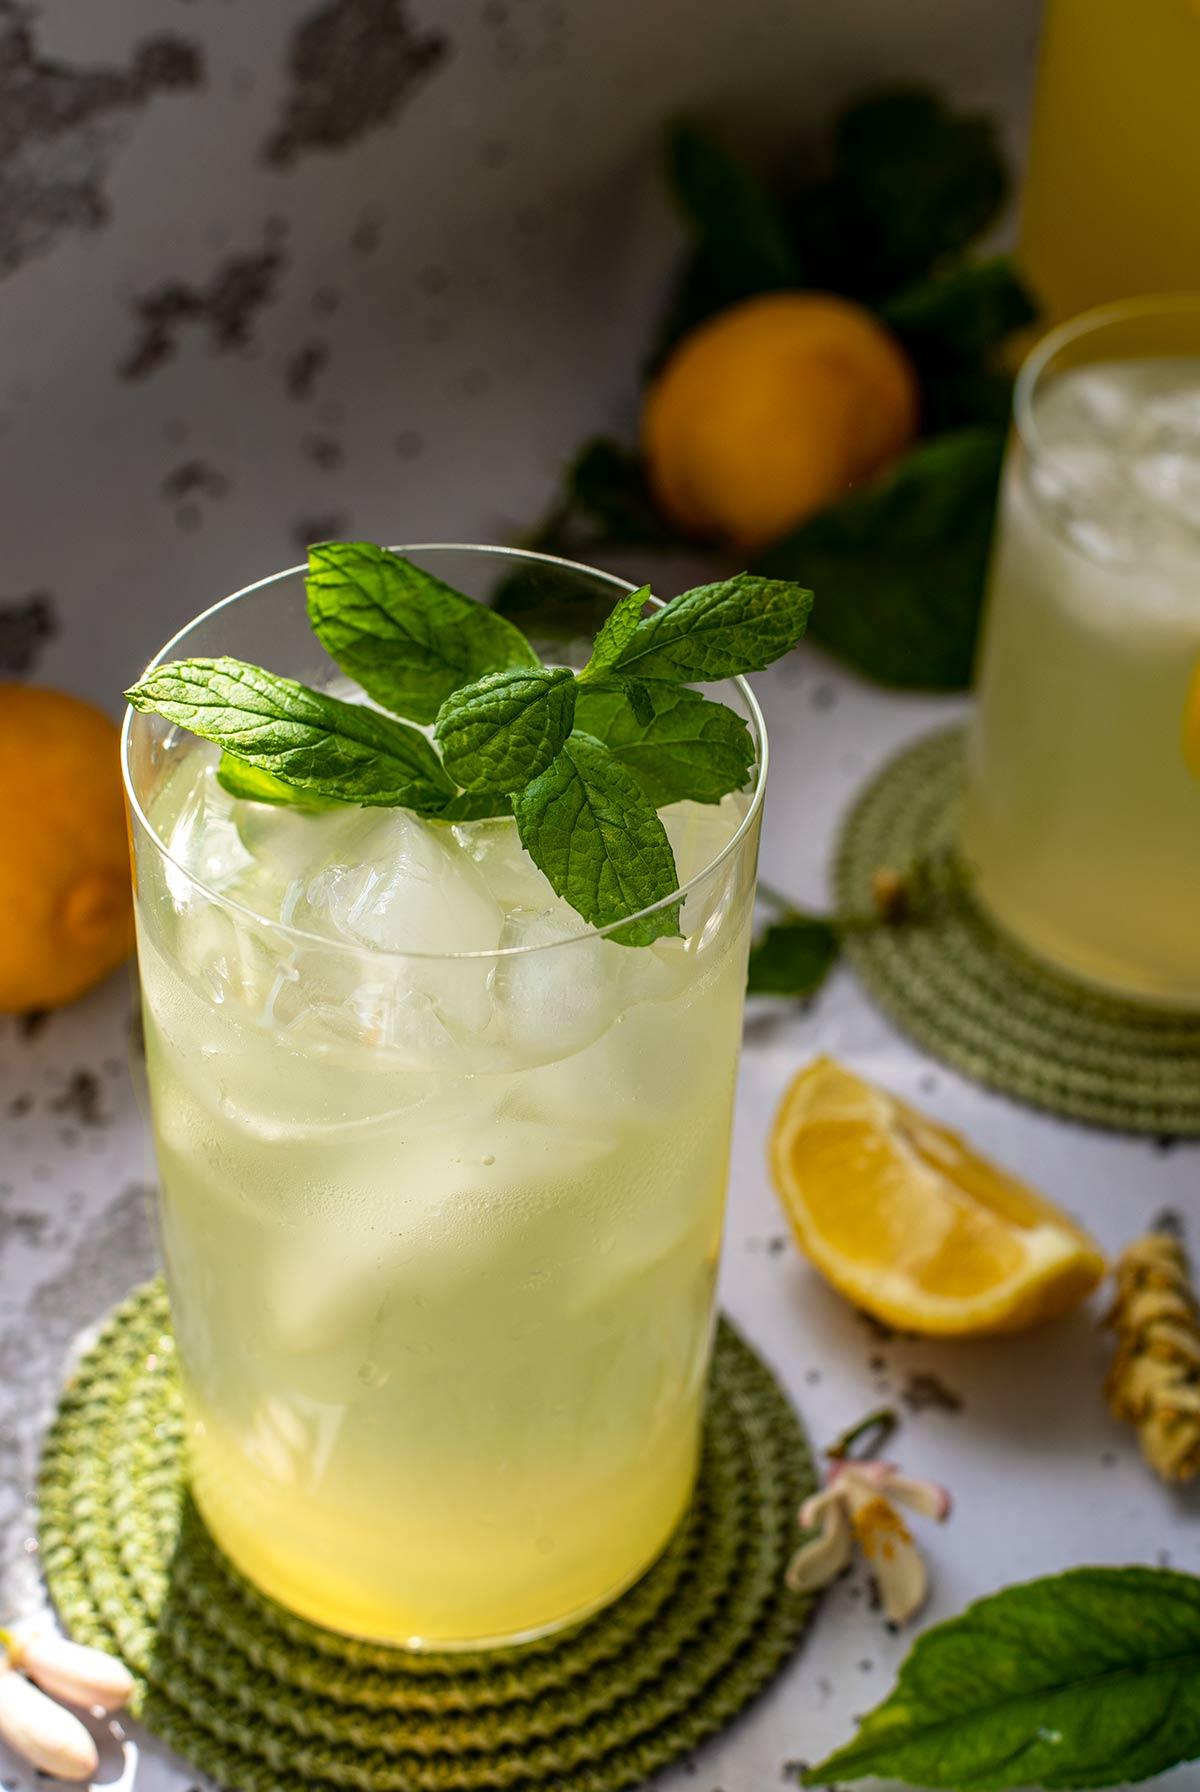 σπιτική λεμονάδα, τσάι του βουνού, συμπυκνωμένη